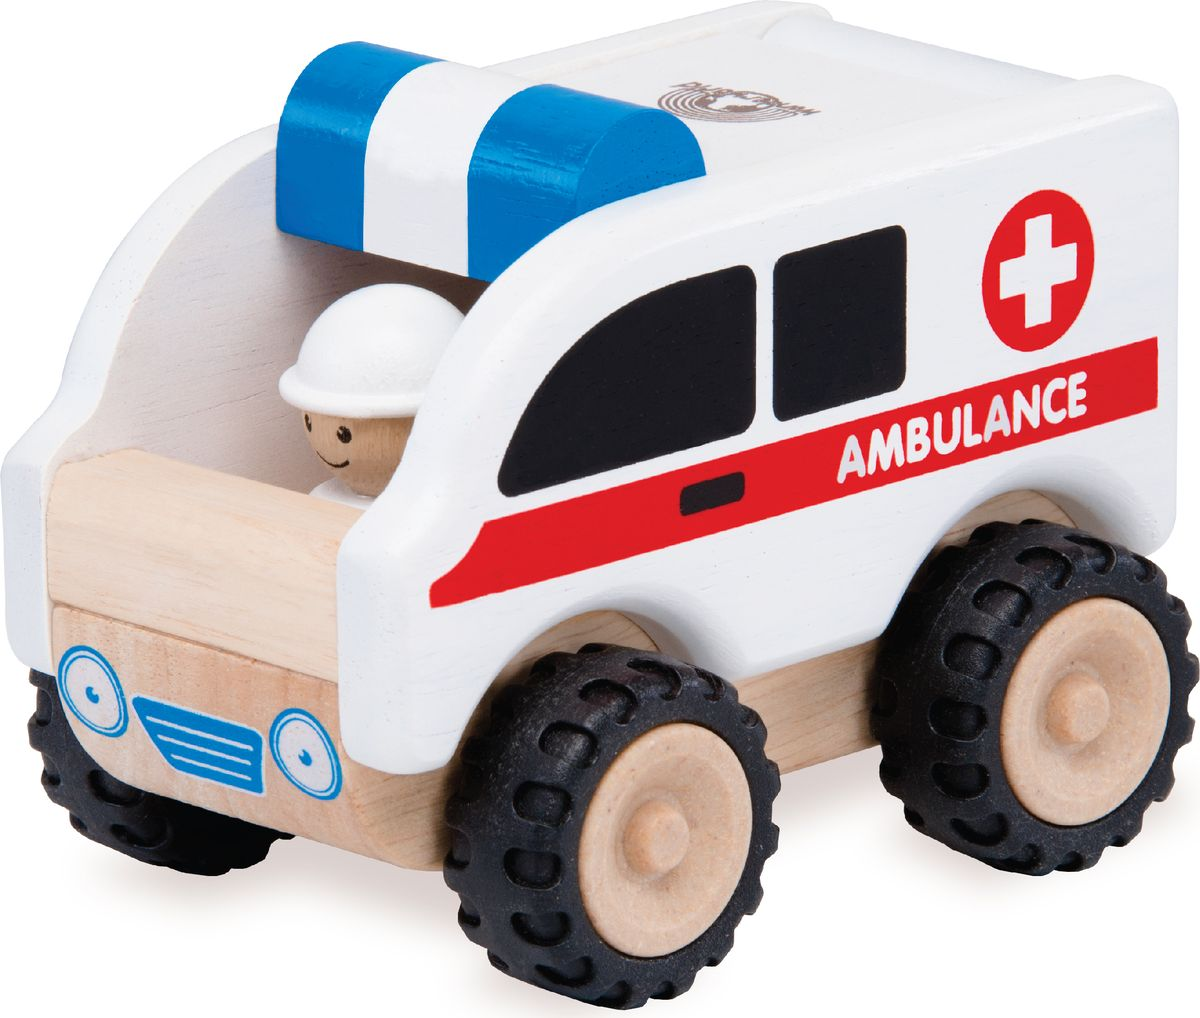 Wonderworld Деревянная игрушка Скорая помощь Miniworld скорая помощь от тревоги как избавиться от напряжения волнения и обрести спокойствие